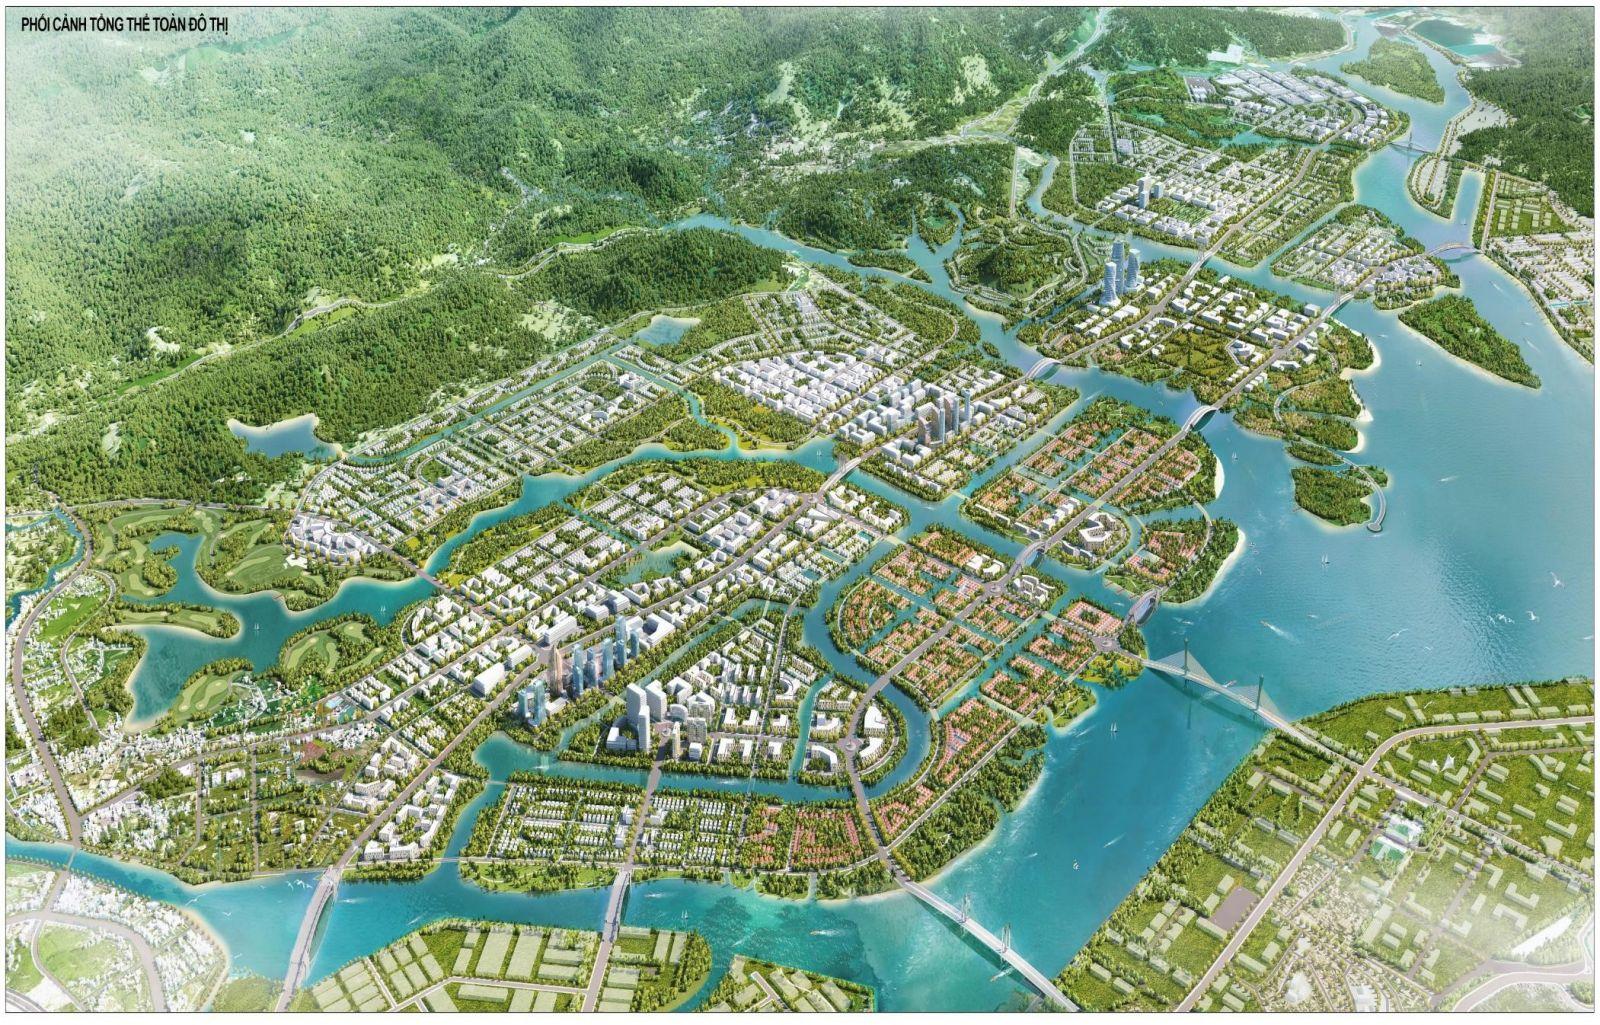 Phối cảnh tổng thể quy hoạch phía Nam Huyện Hoành Bồ do Văn Phú - Invest thực hiện